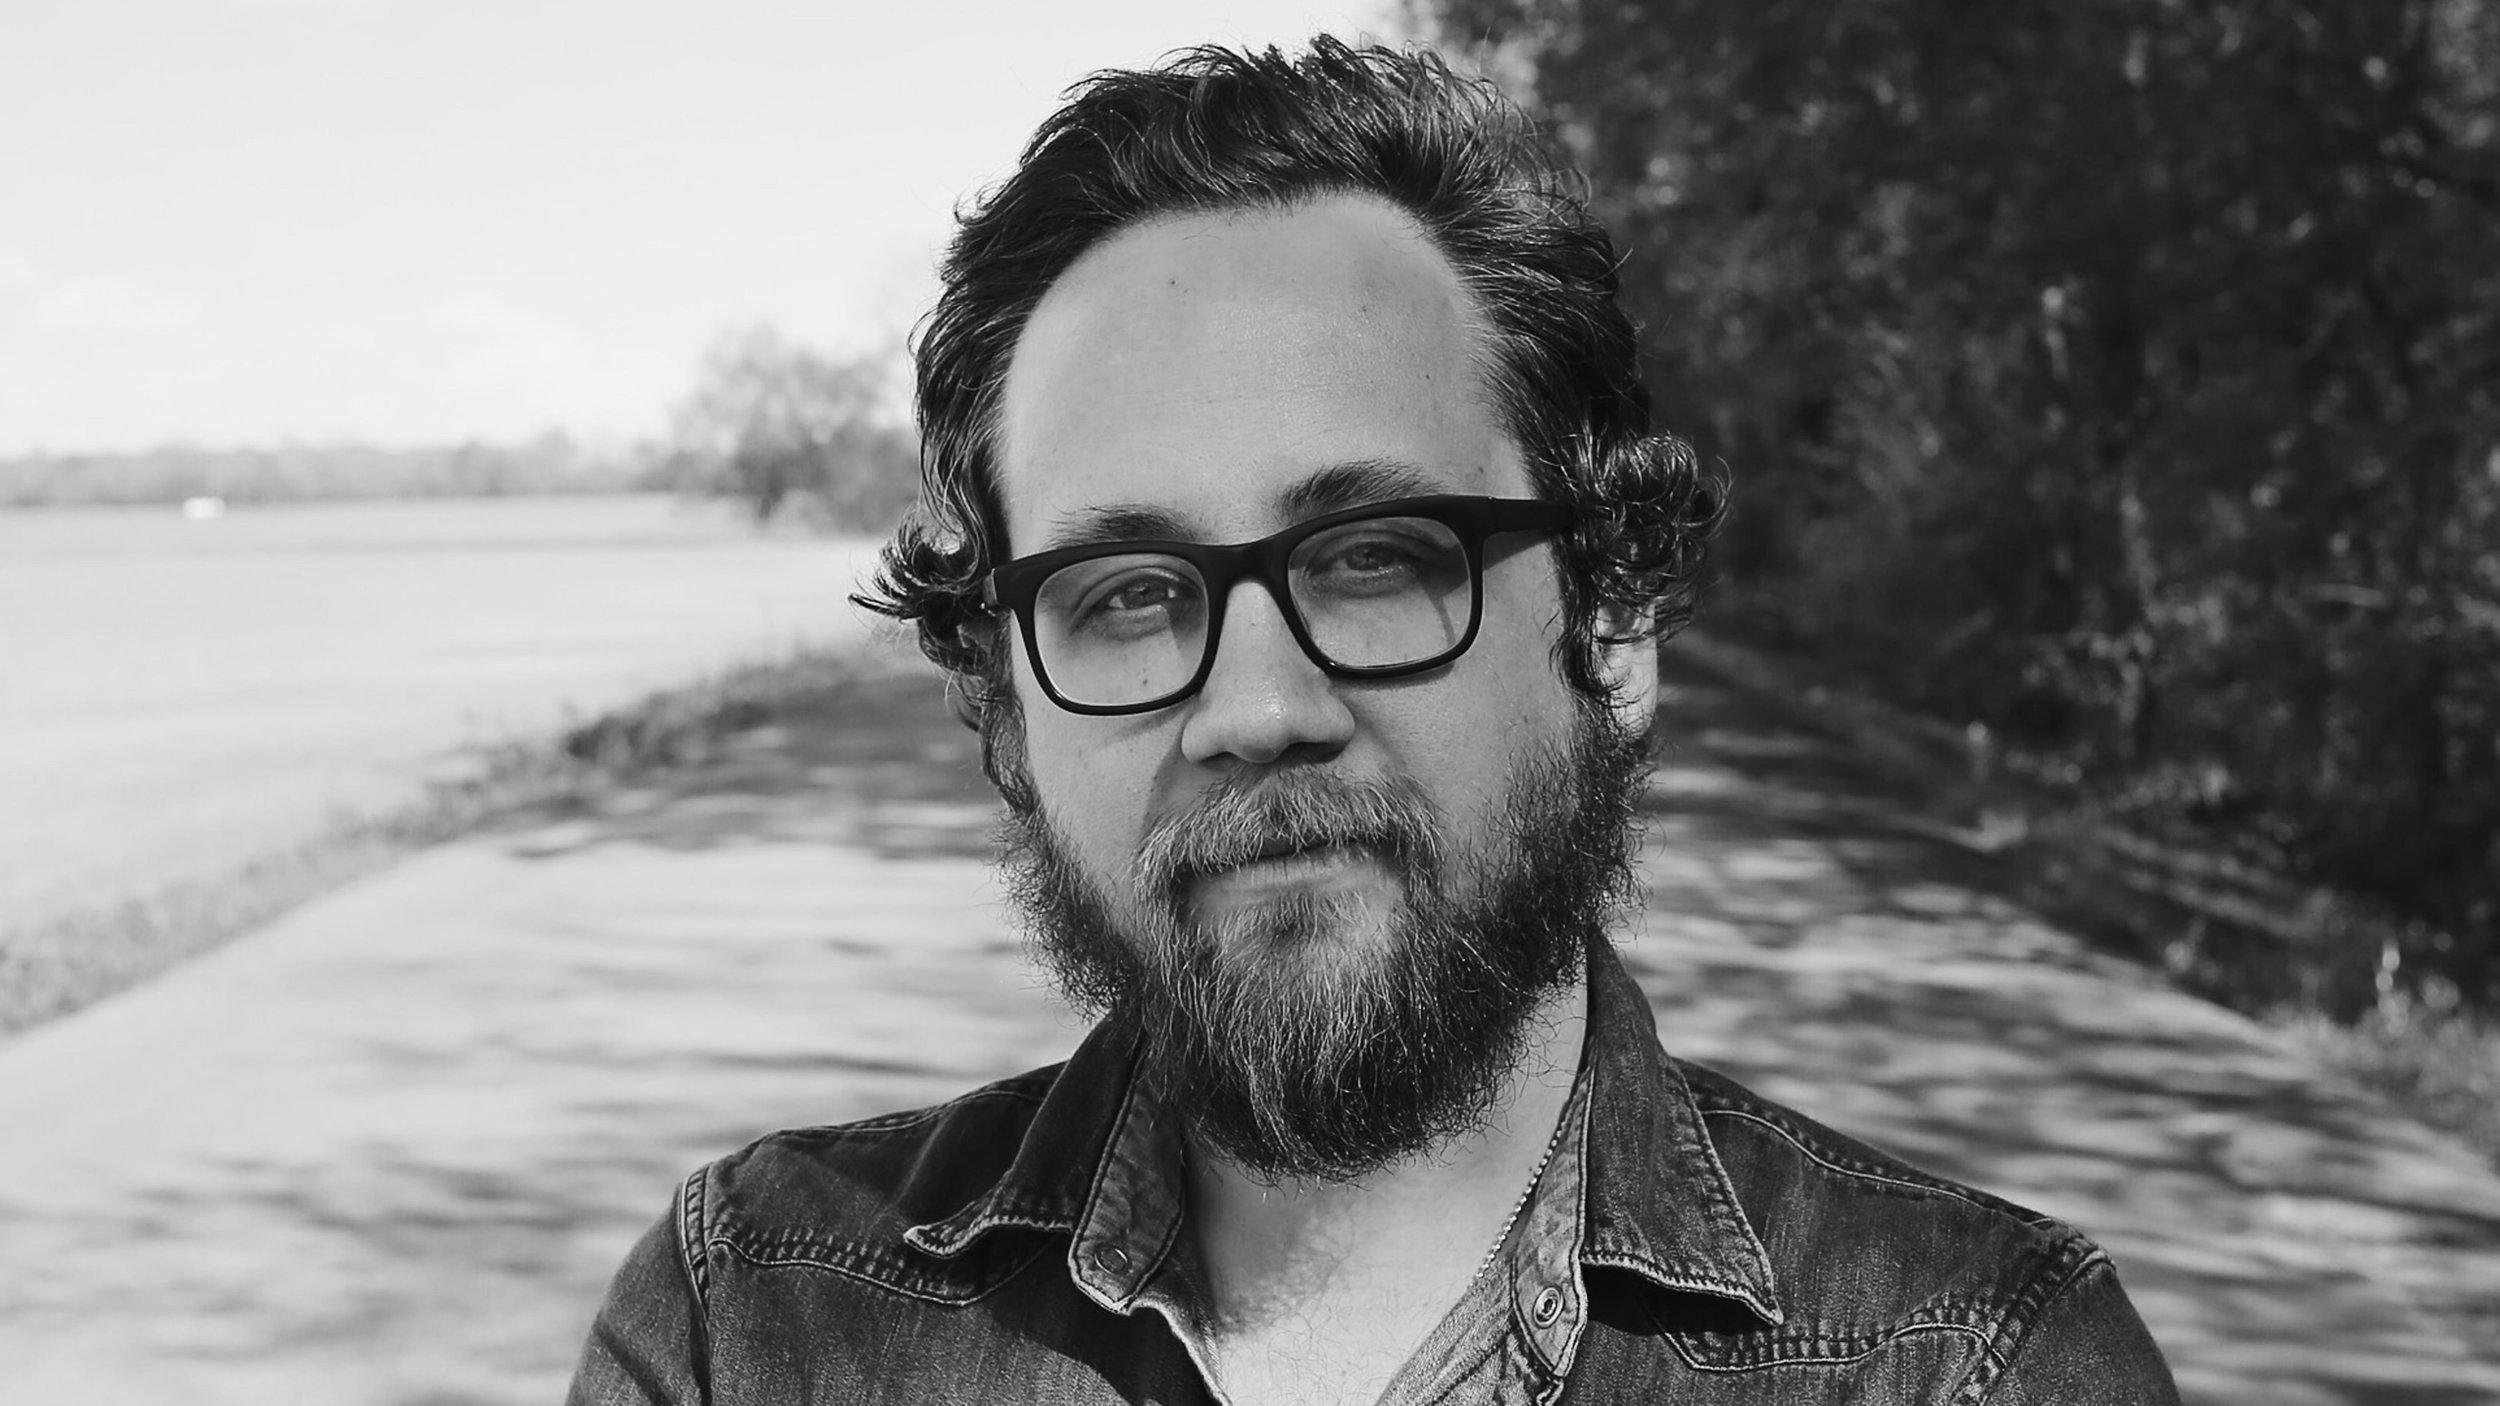 Justin_Peter_Kinkel_Schuster-2016-Matt_White-2.jpg